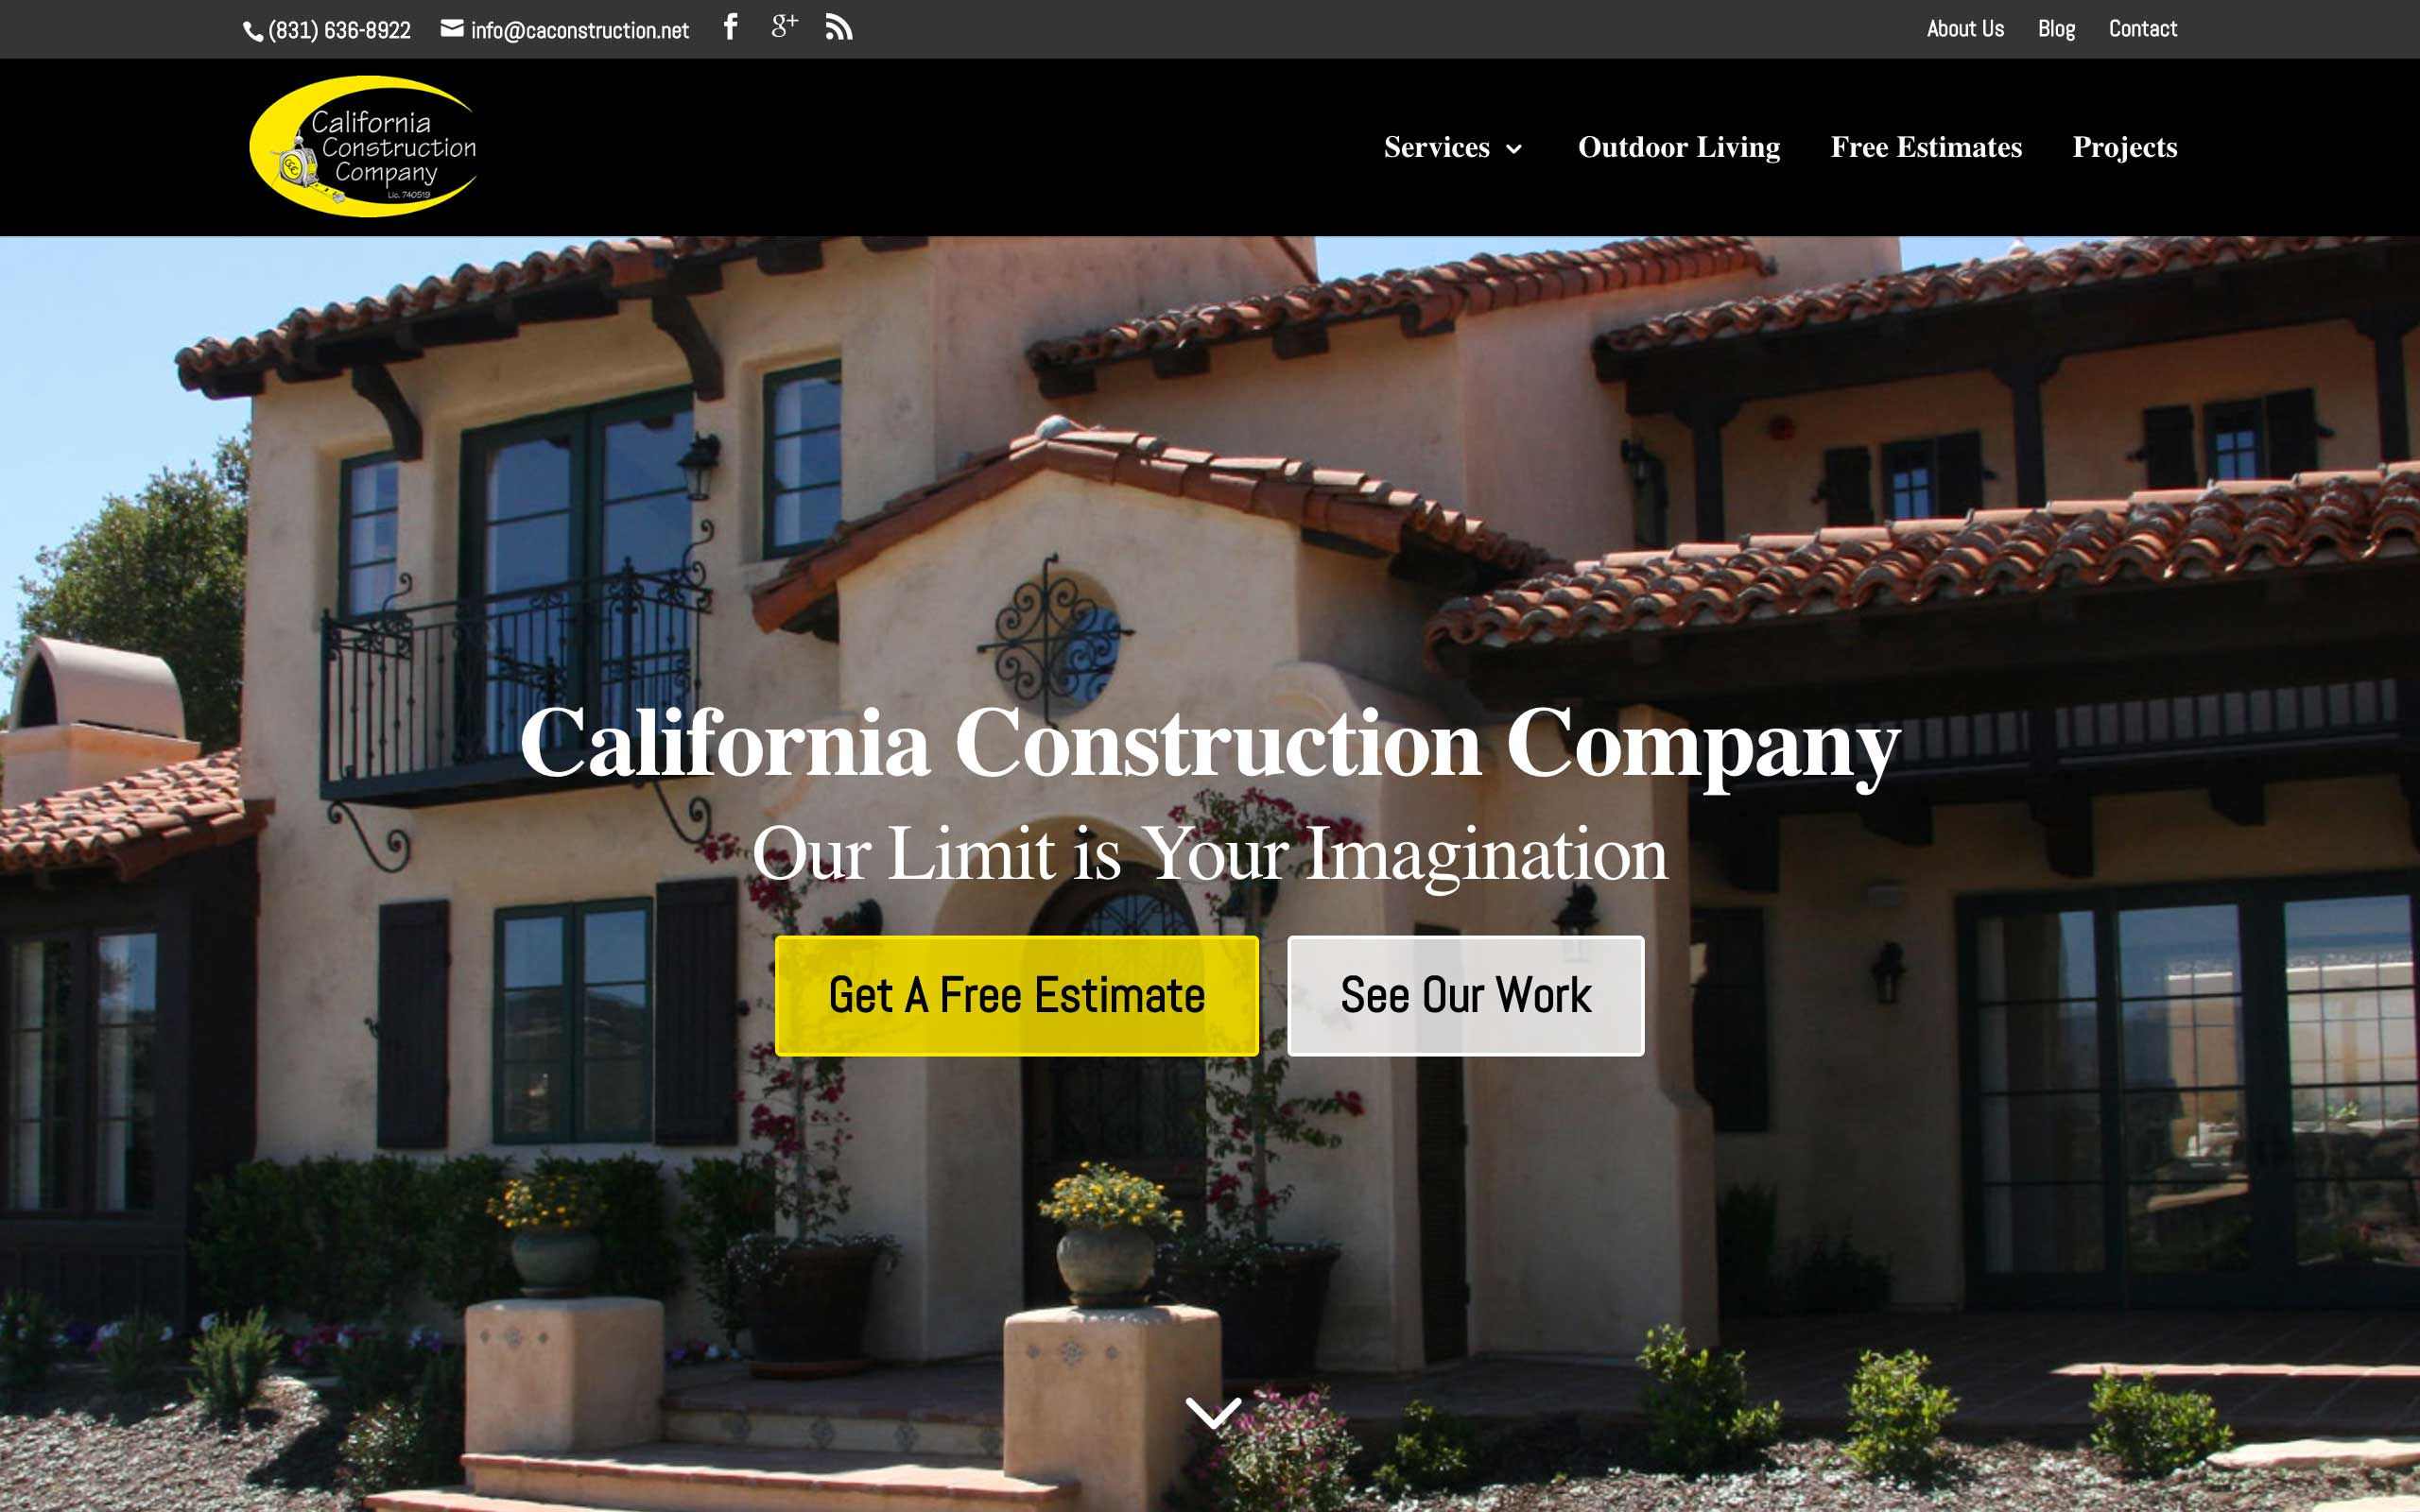 Construction Trade Services Web Design